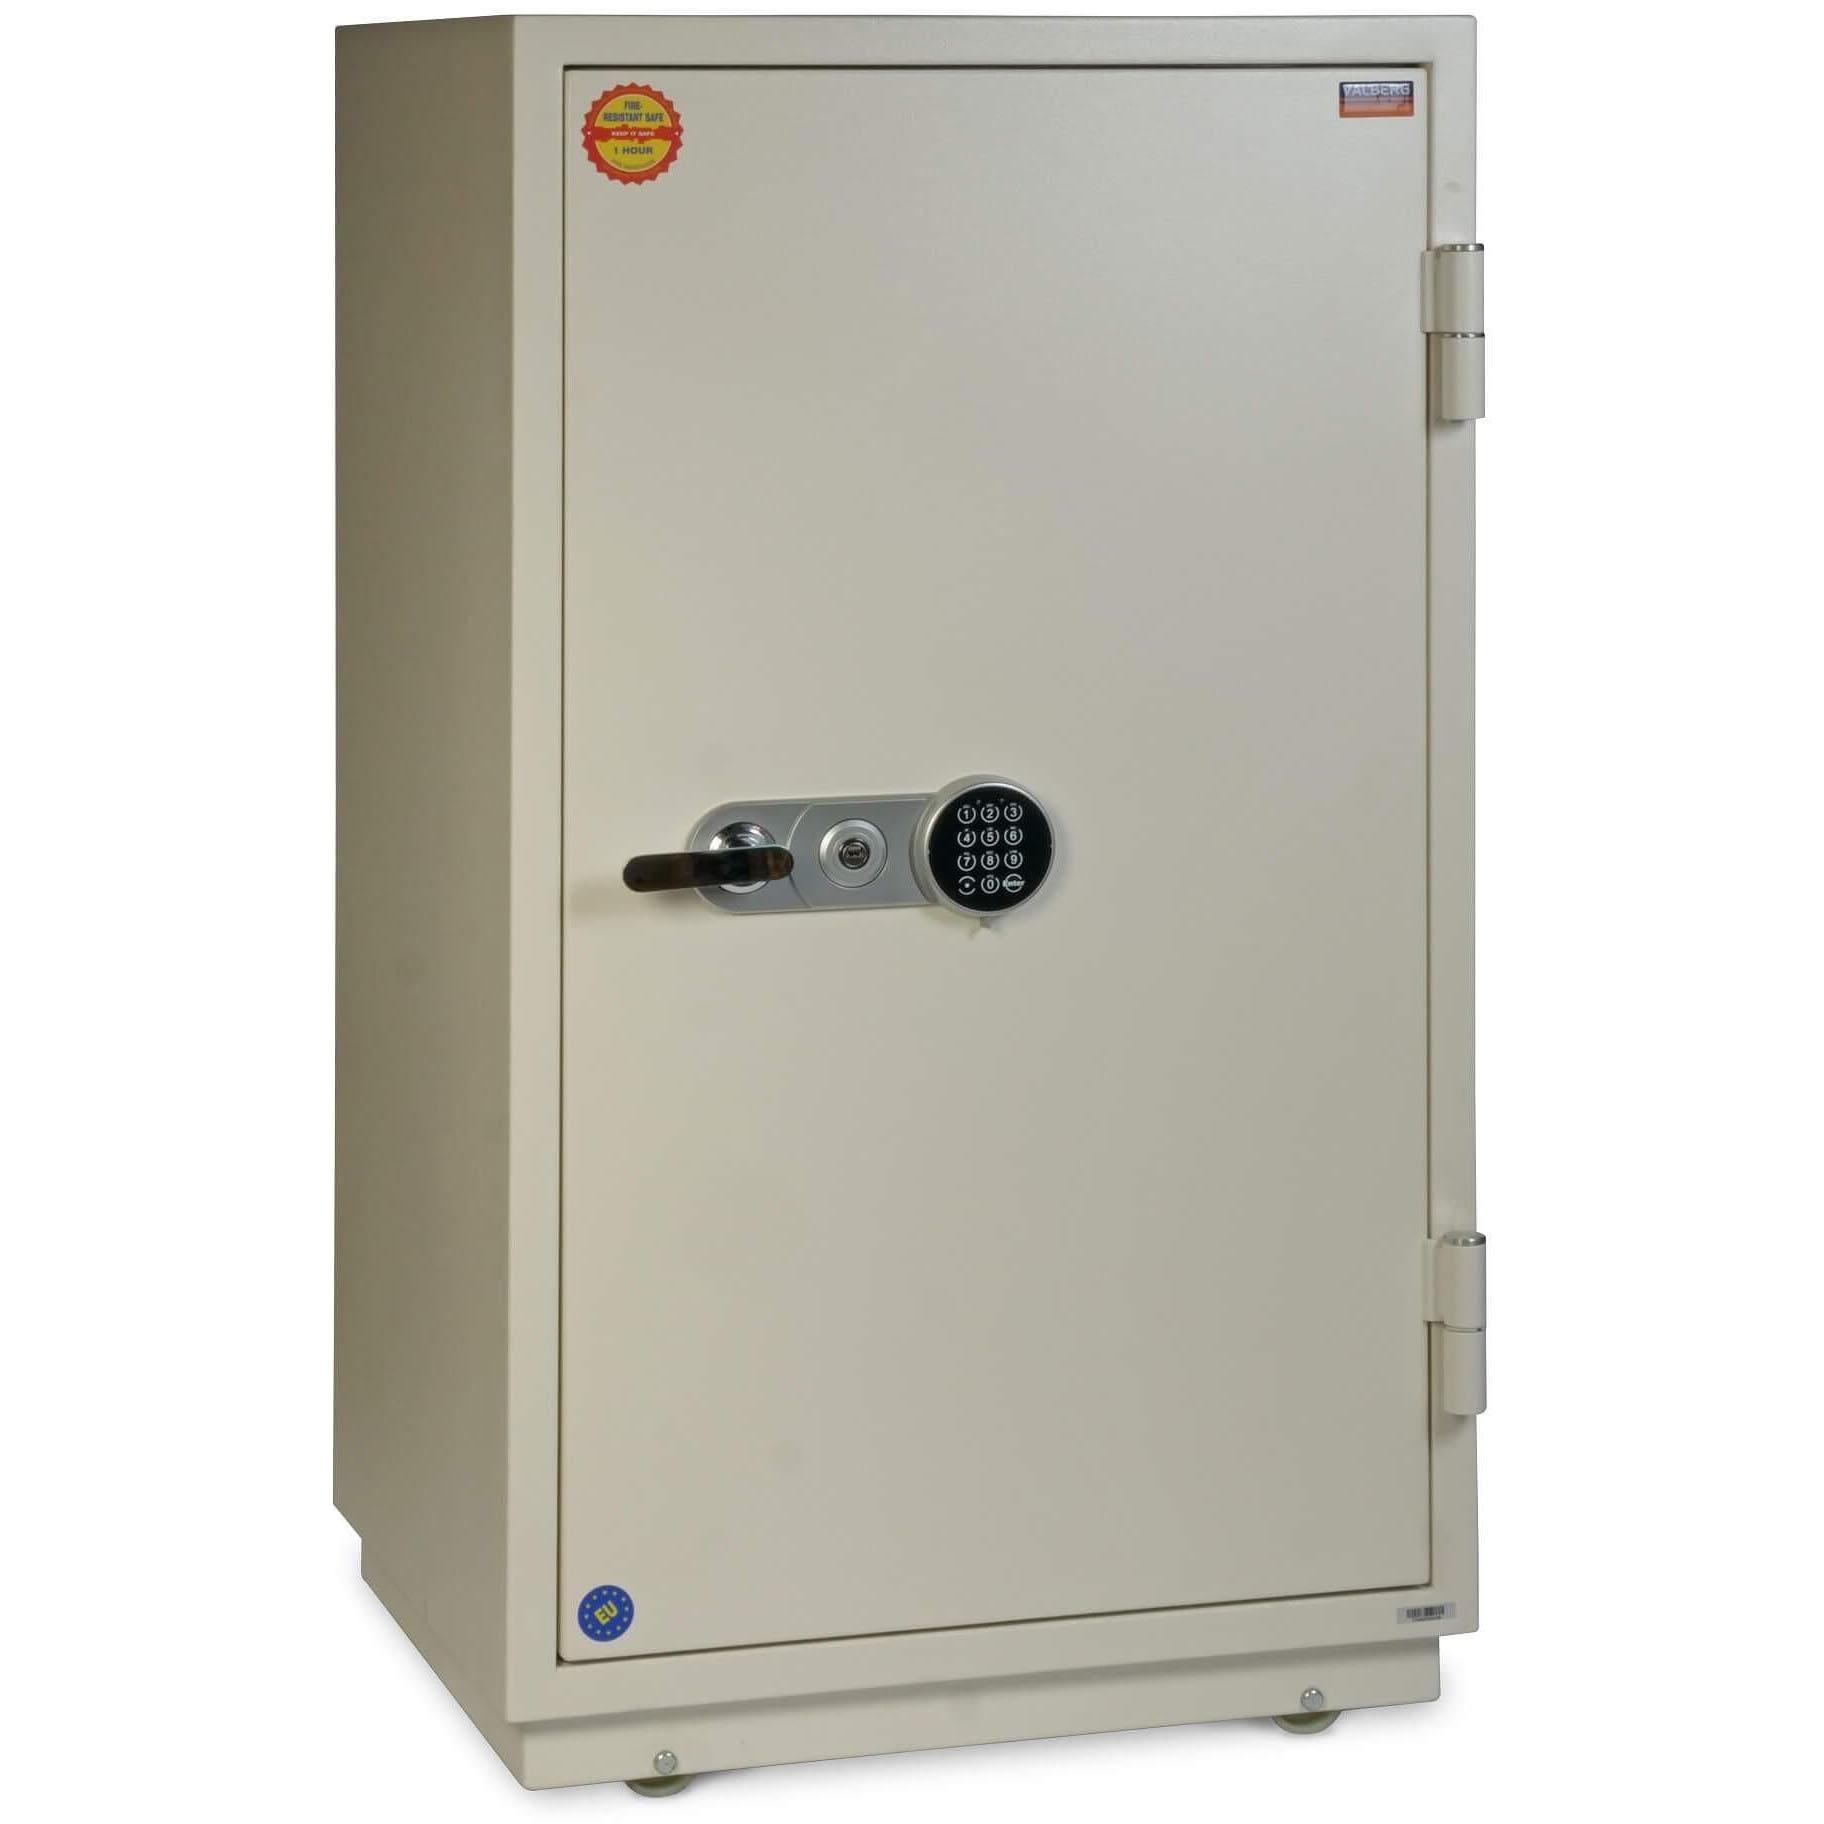 Valberg FRS 120 T-EL 1 Digital & 1 Keylock Fire Resistant Safe